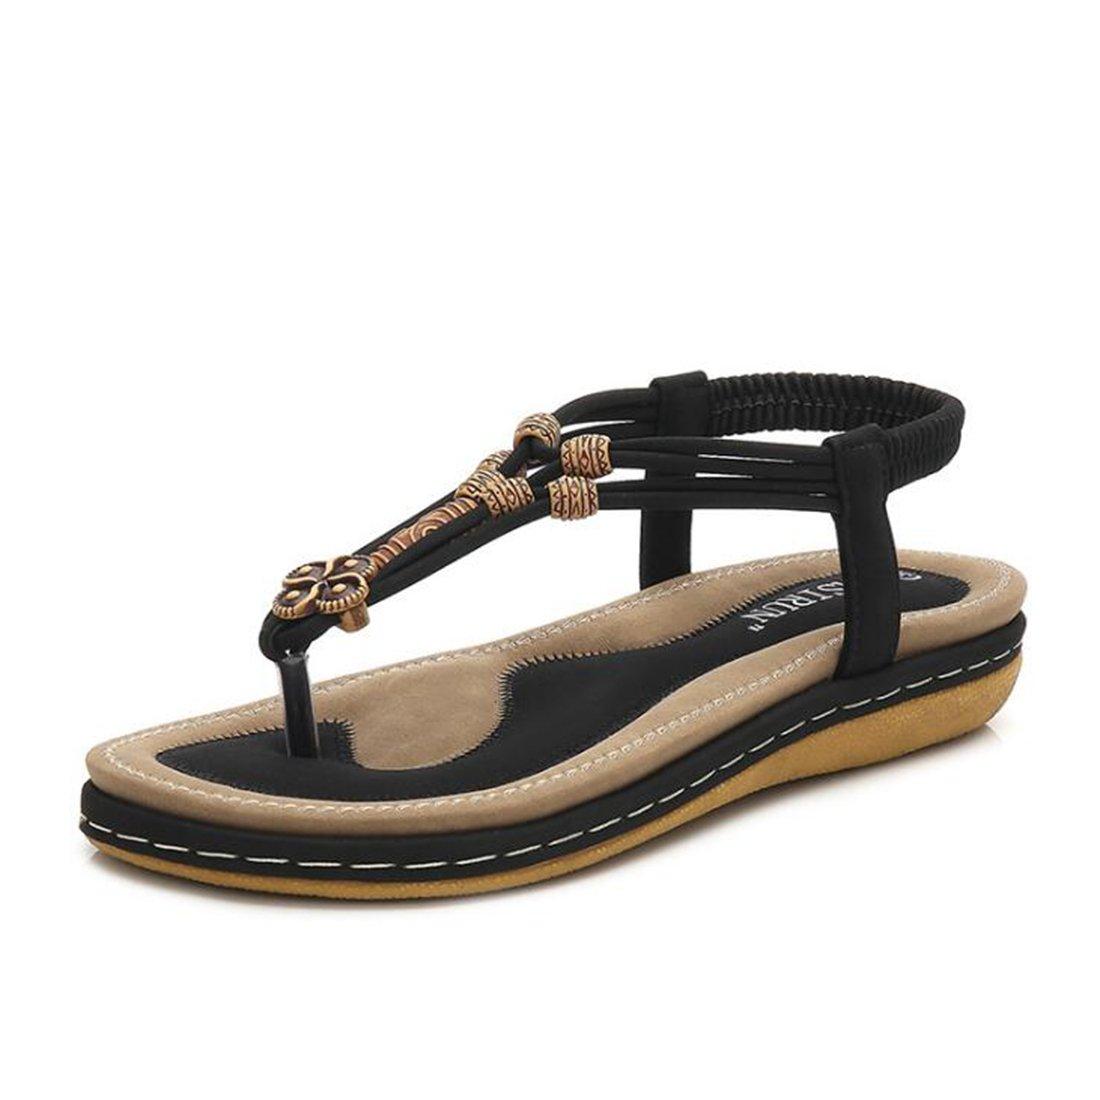 Frauen Sommer Sandalen Mode Rouml;mischen Sandalen Plateau Sandalen Sandalen  44 EU|Black